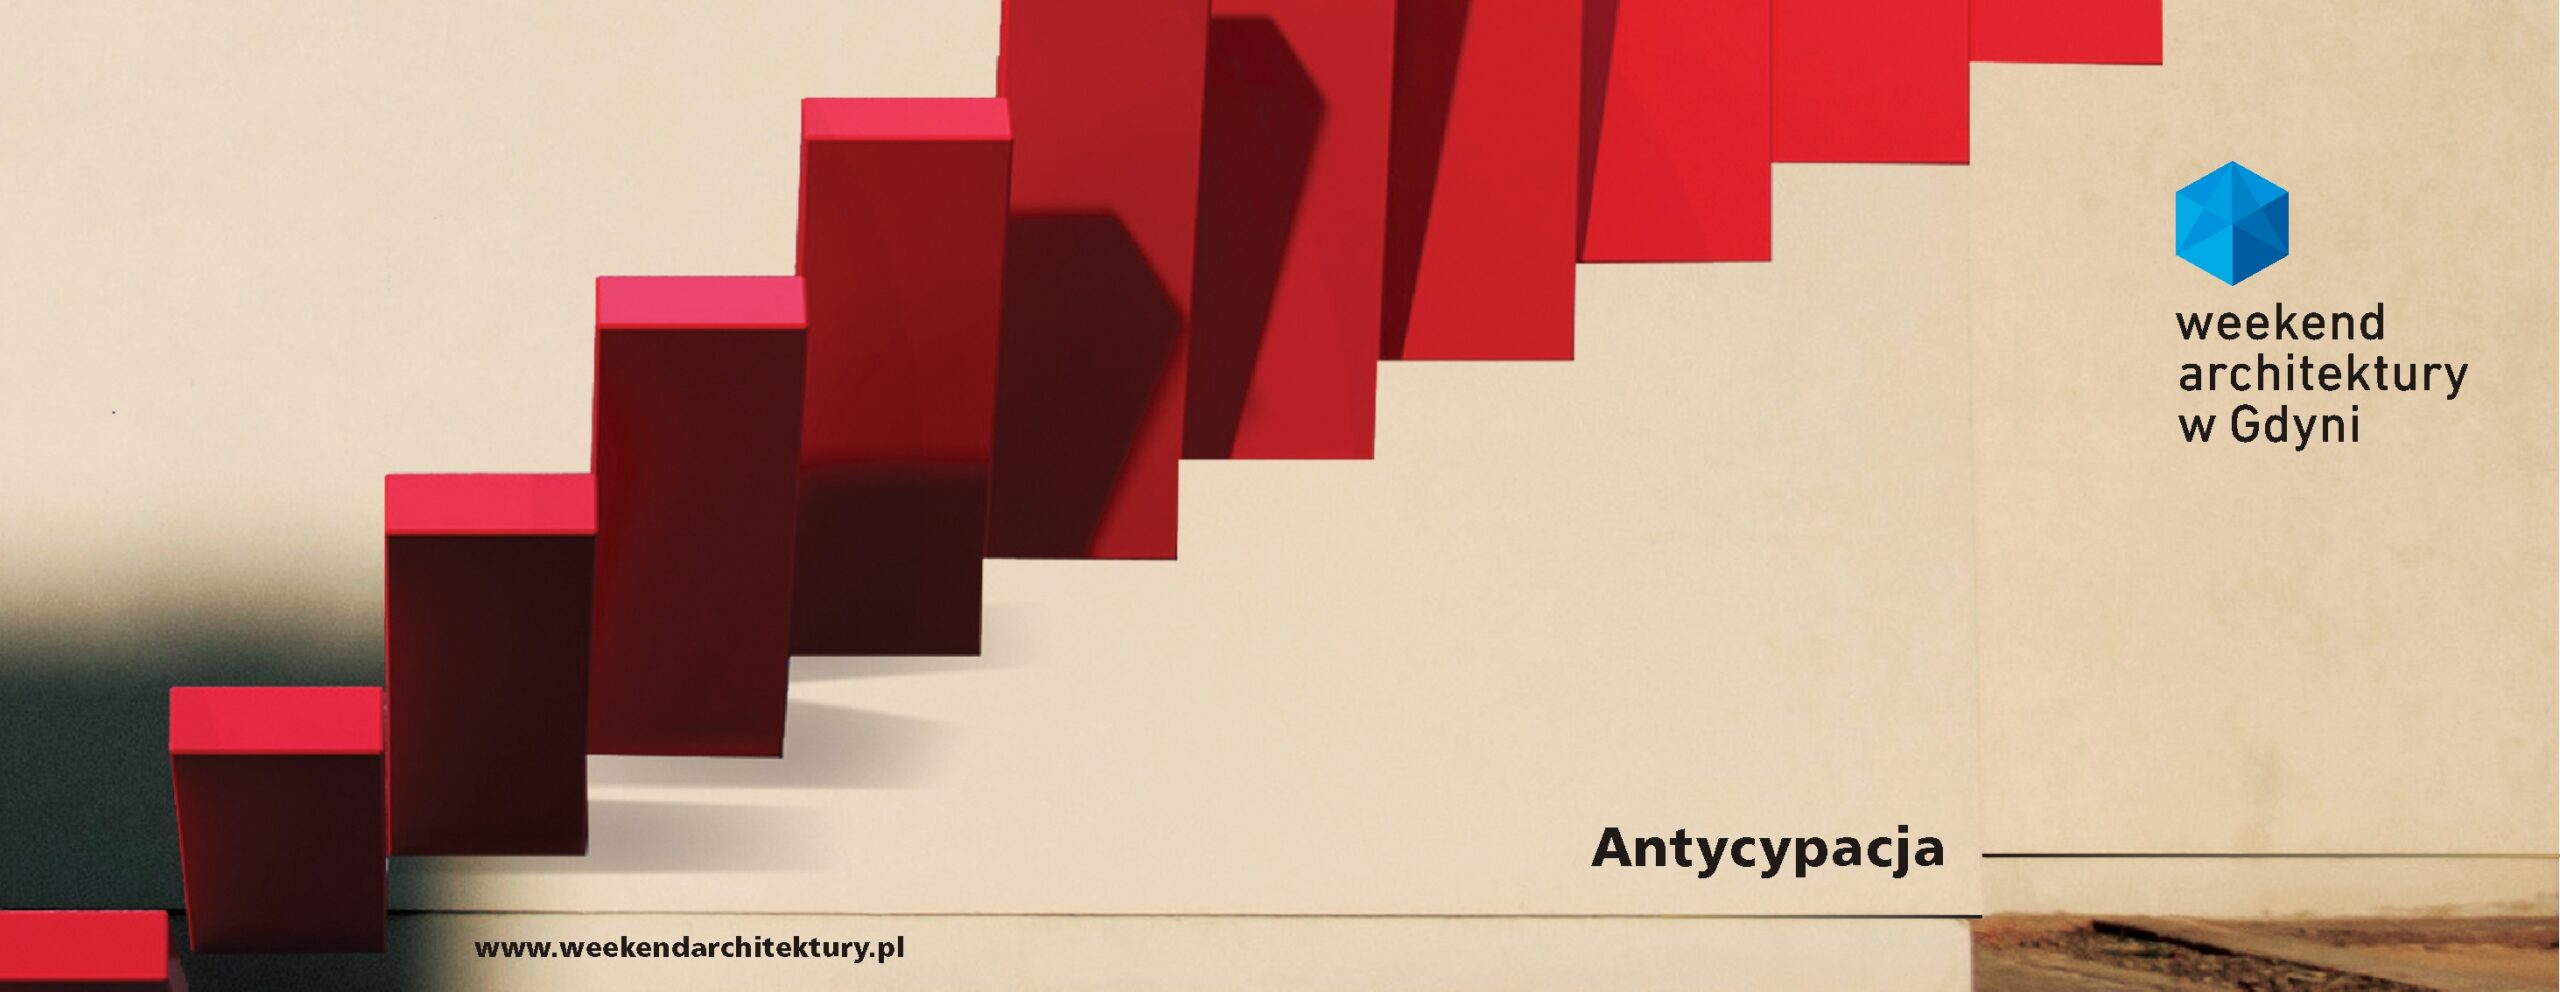 X Architecture Weekend in Gdynia; graphic source: Agencja Rozwoju Gdyni